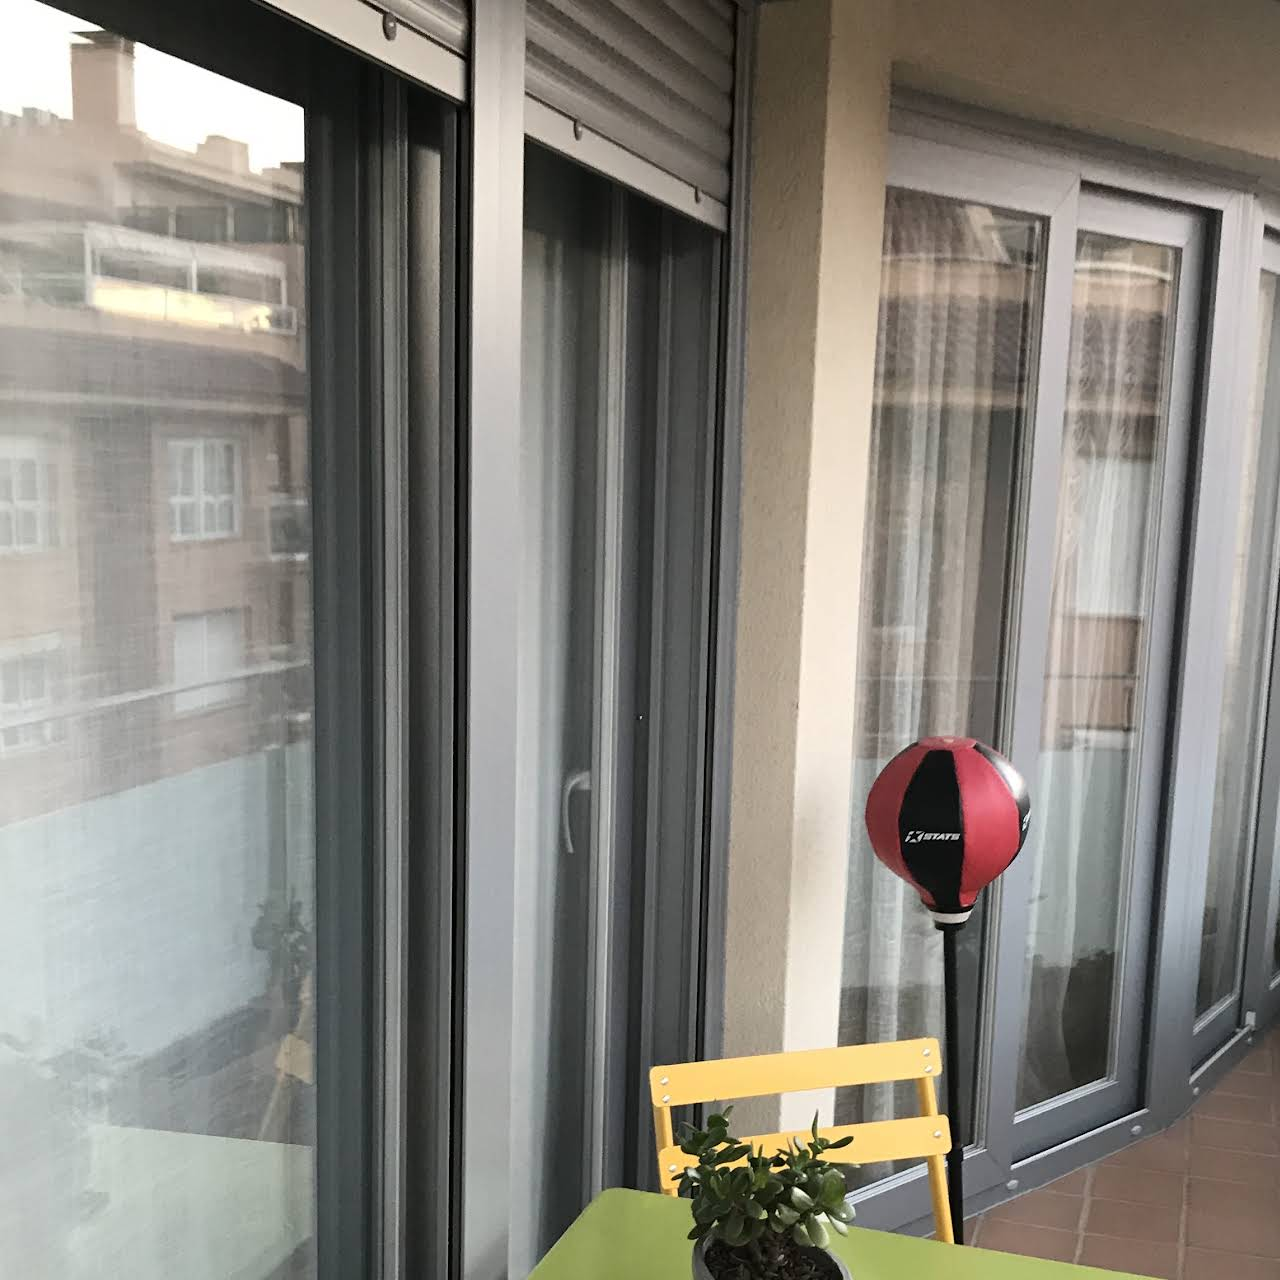 Ehaus ventanas pvc mallorca servicio de instalaci n de for Ventanas pvc mallorca